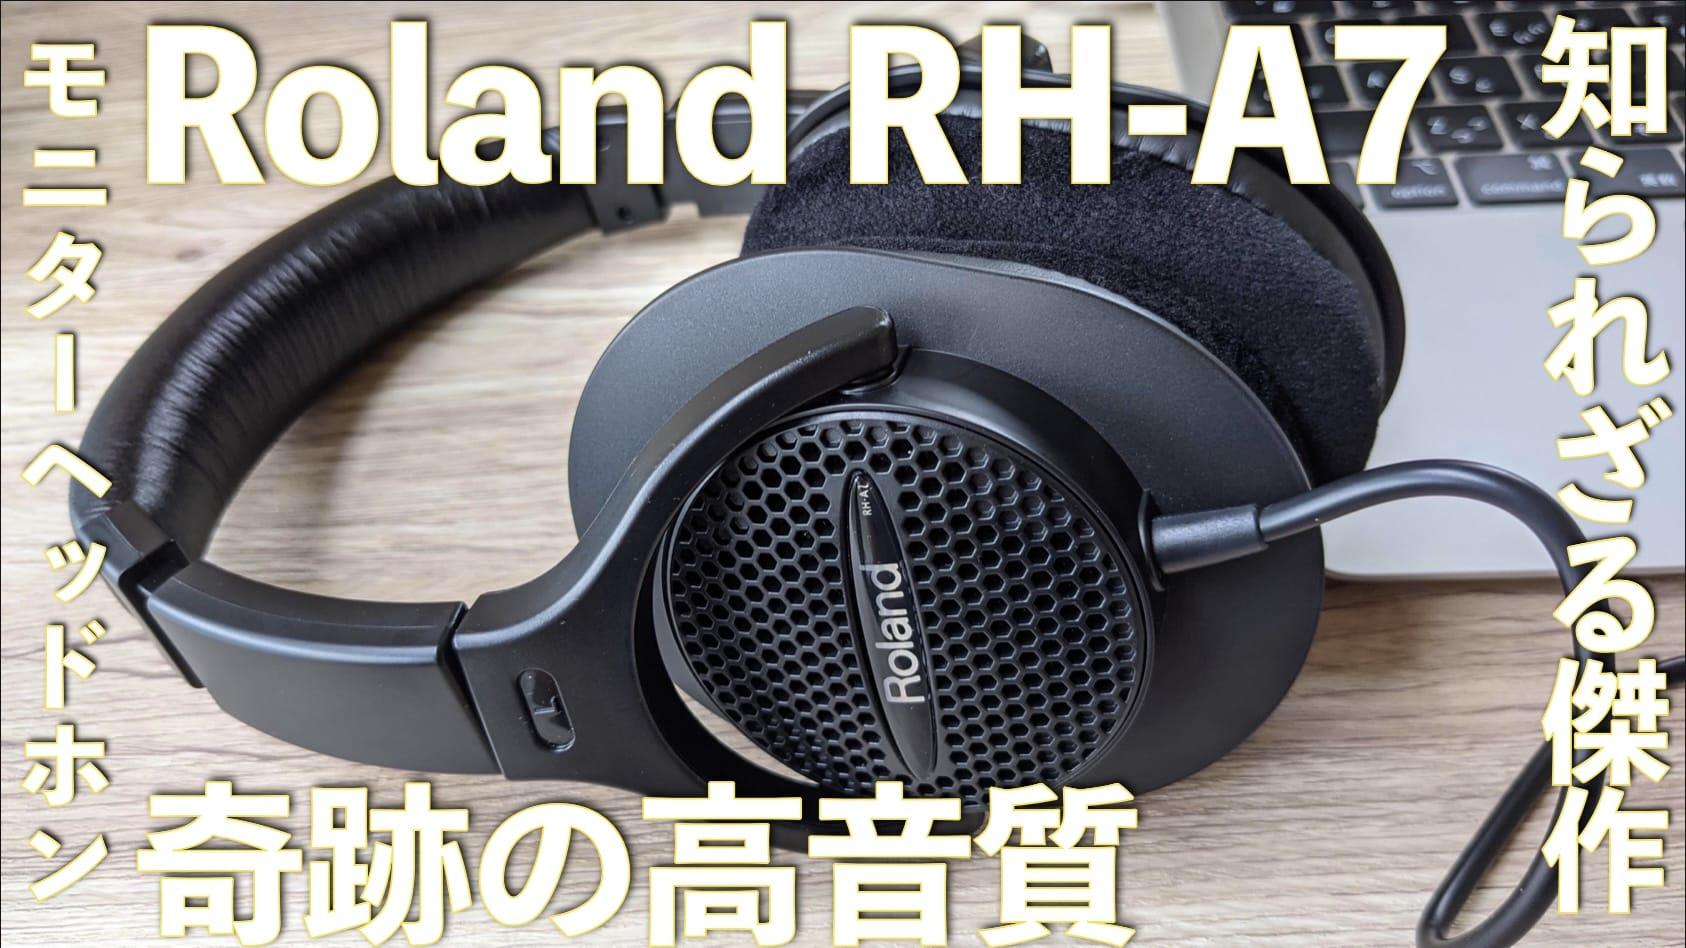 奇跡のモニターヘッドホン?安いのにめっちゃ音がいいRoland RH-A7がおすすめすぎるサムネイル画像